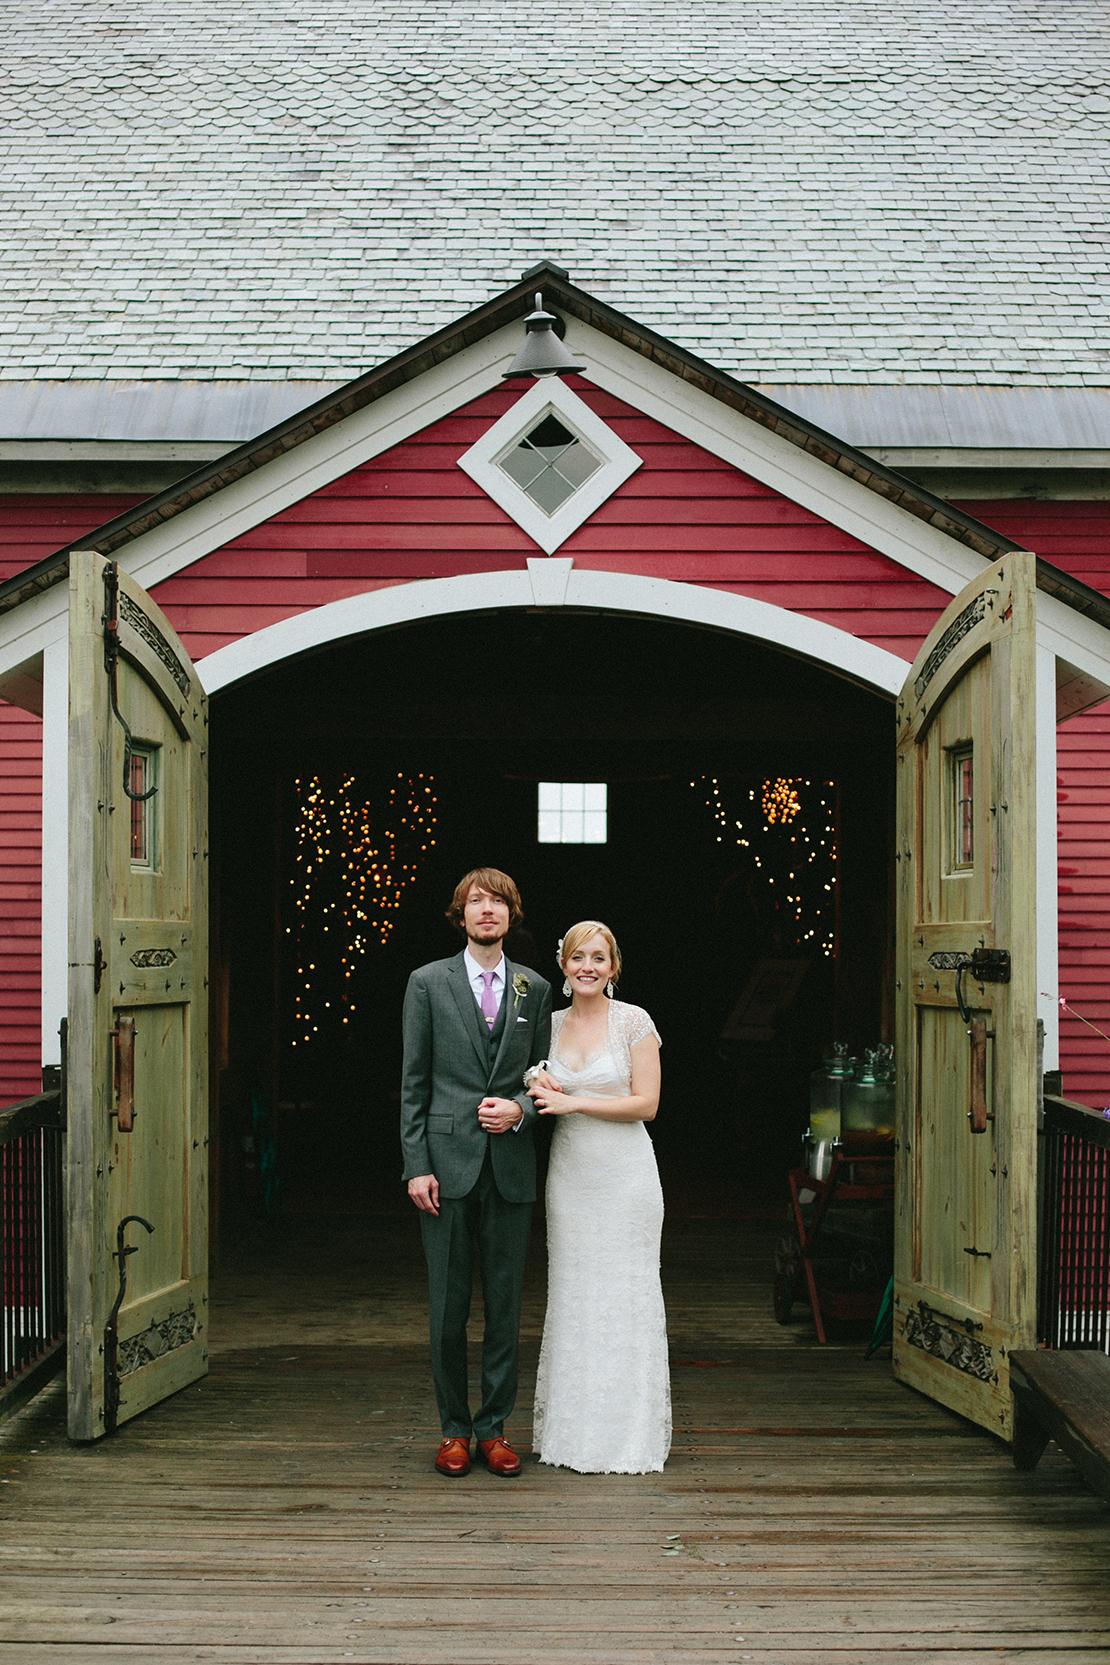 41_bride_groom_Barn_at_Lang_Farm_essex_junction_burlington_vermont_wedding_venue_rustic_chic